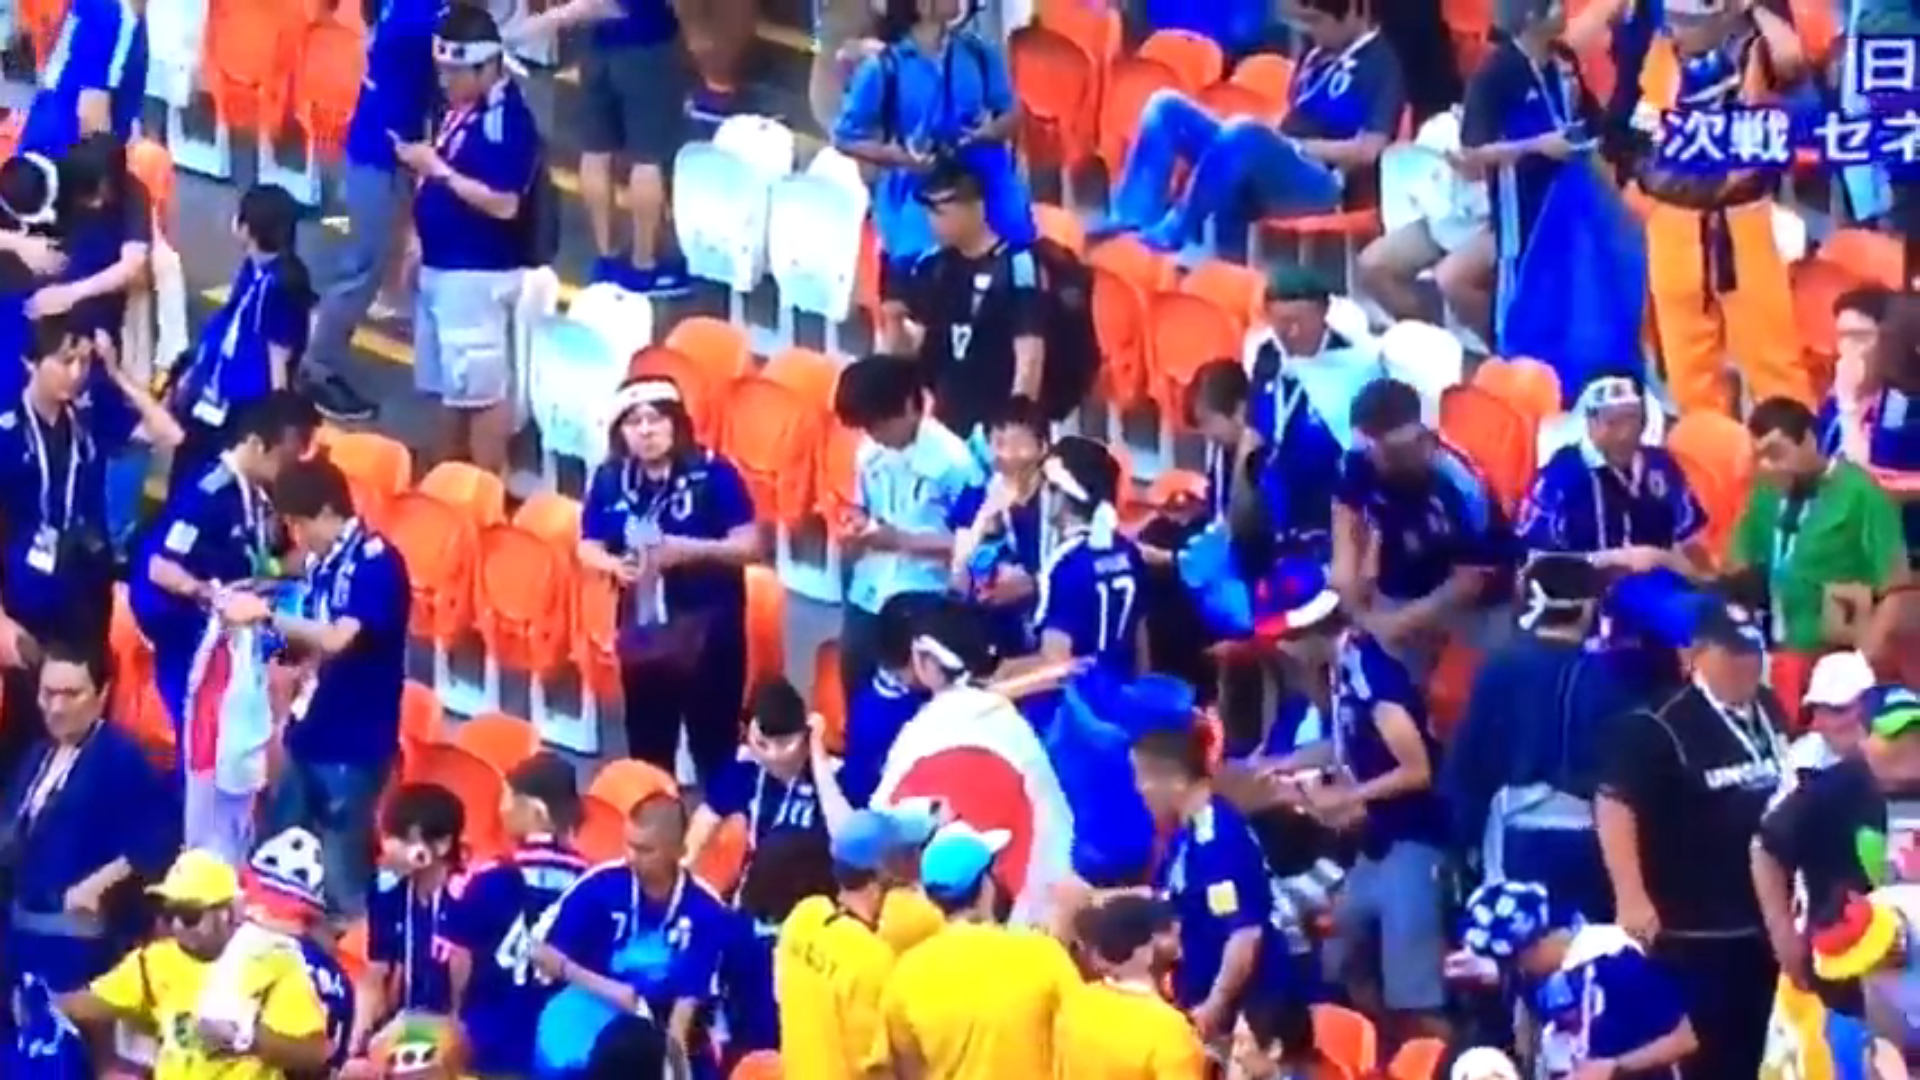 Hinchas japones ayudan a limpiar el estadio luego del partido contra Colombia